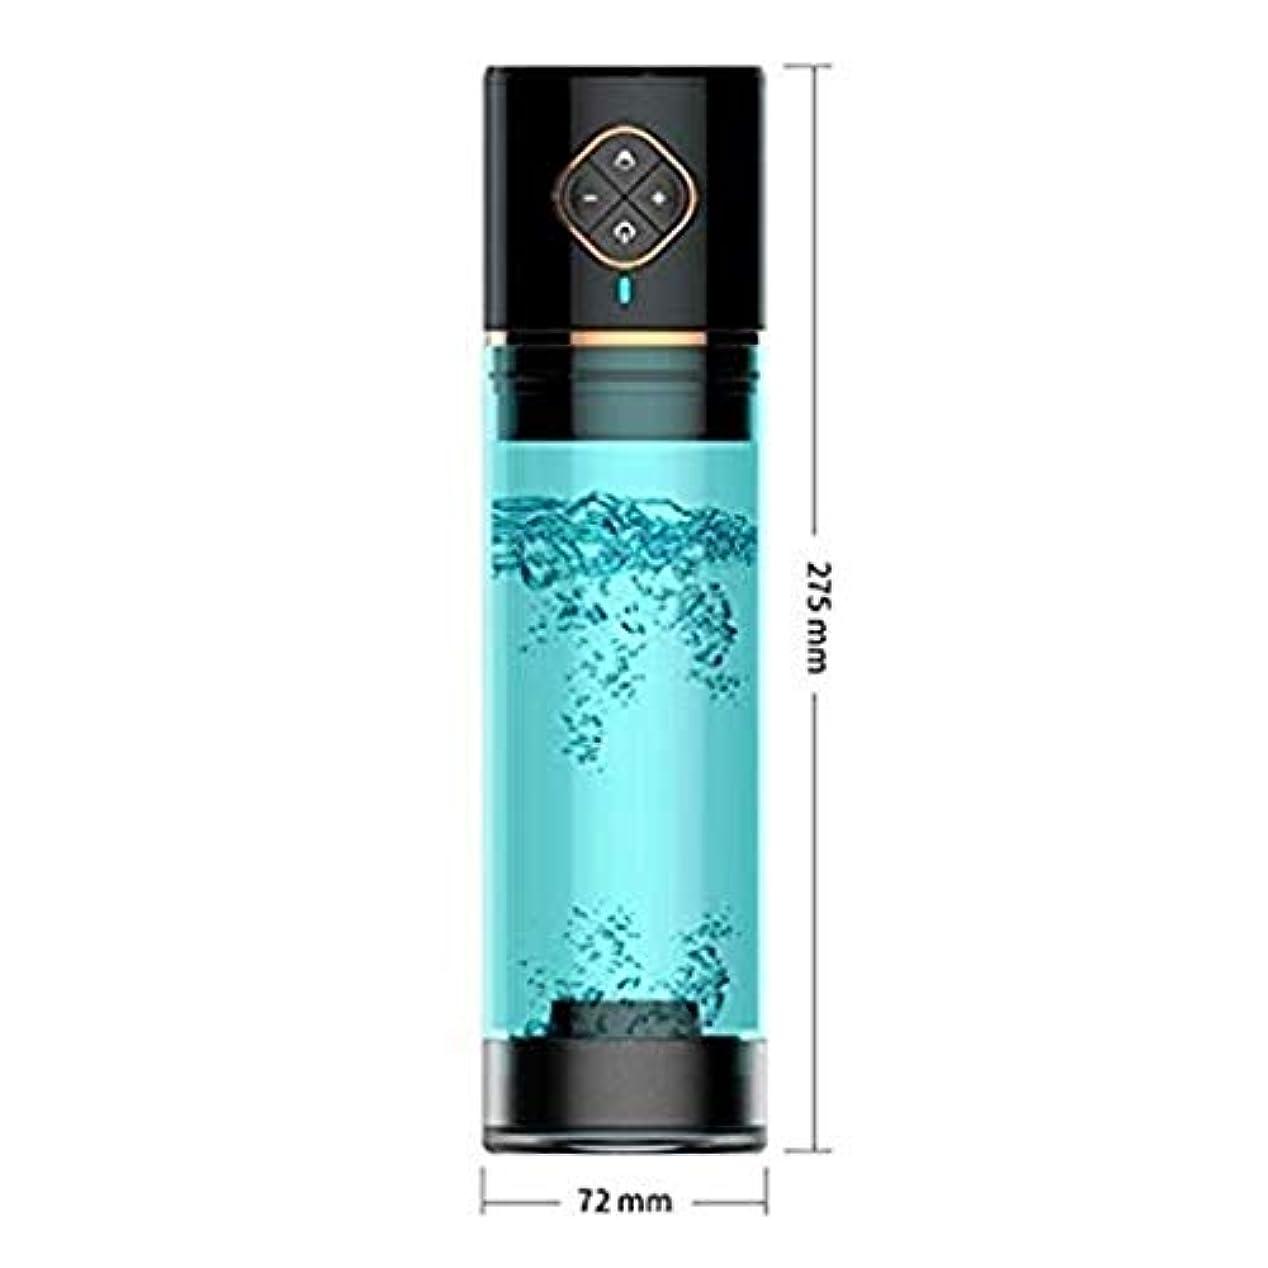 グローバルメイエラウォーターフロントRisareyi TシャツPënnïs拡張空気圧機器ペン自動勃起が拡大男性セルフプレジャーを充電男性のUSB用ポンプ